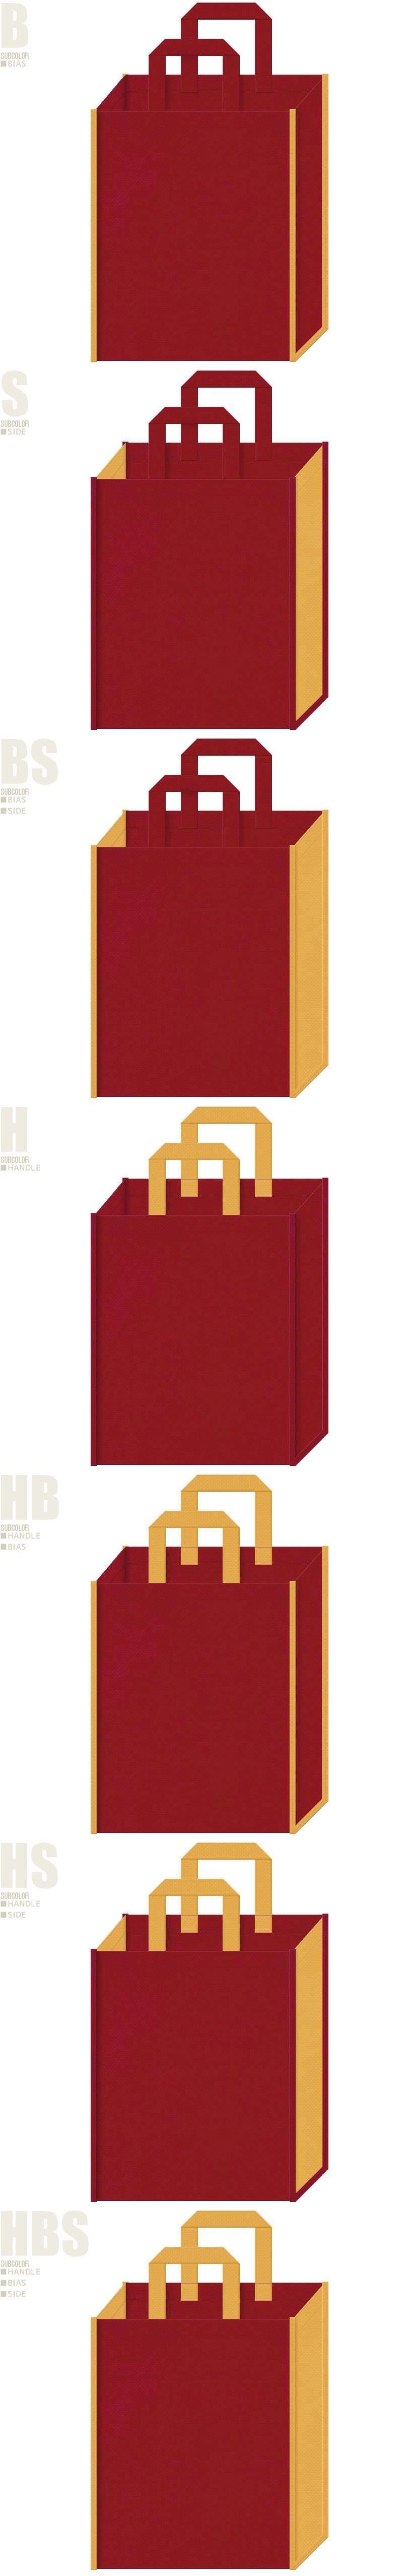 和風装飾・演出・和風ディスプレイ・舞台・演芸場・寄席・和風催事にお奨めの不織布バッグデザイン:エンジ色と黄土色の配色7パターン